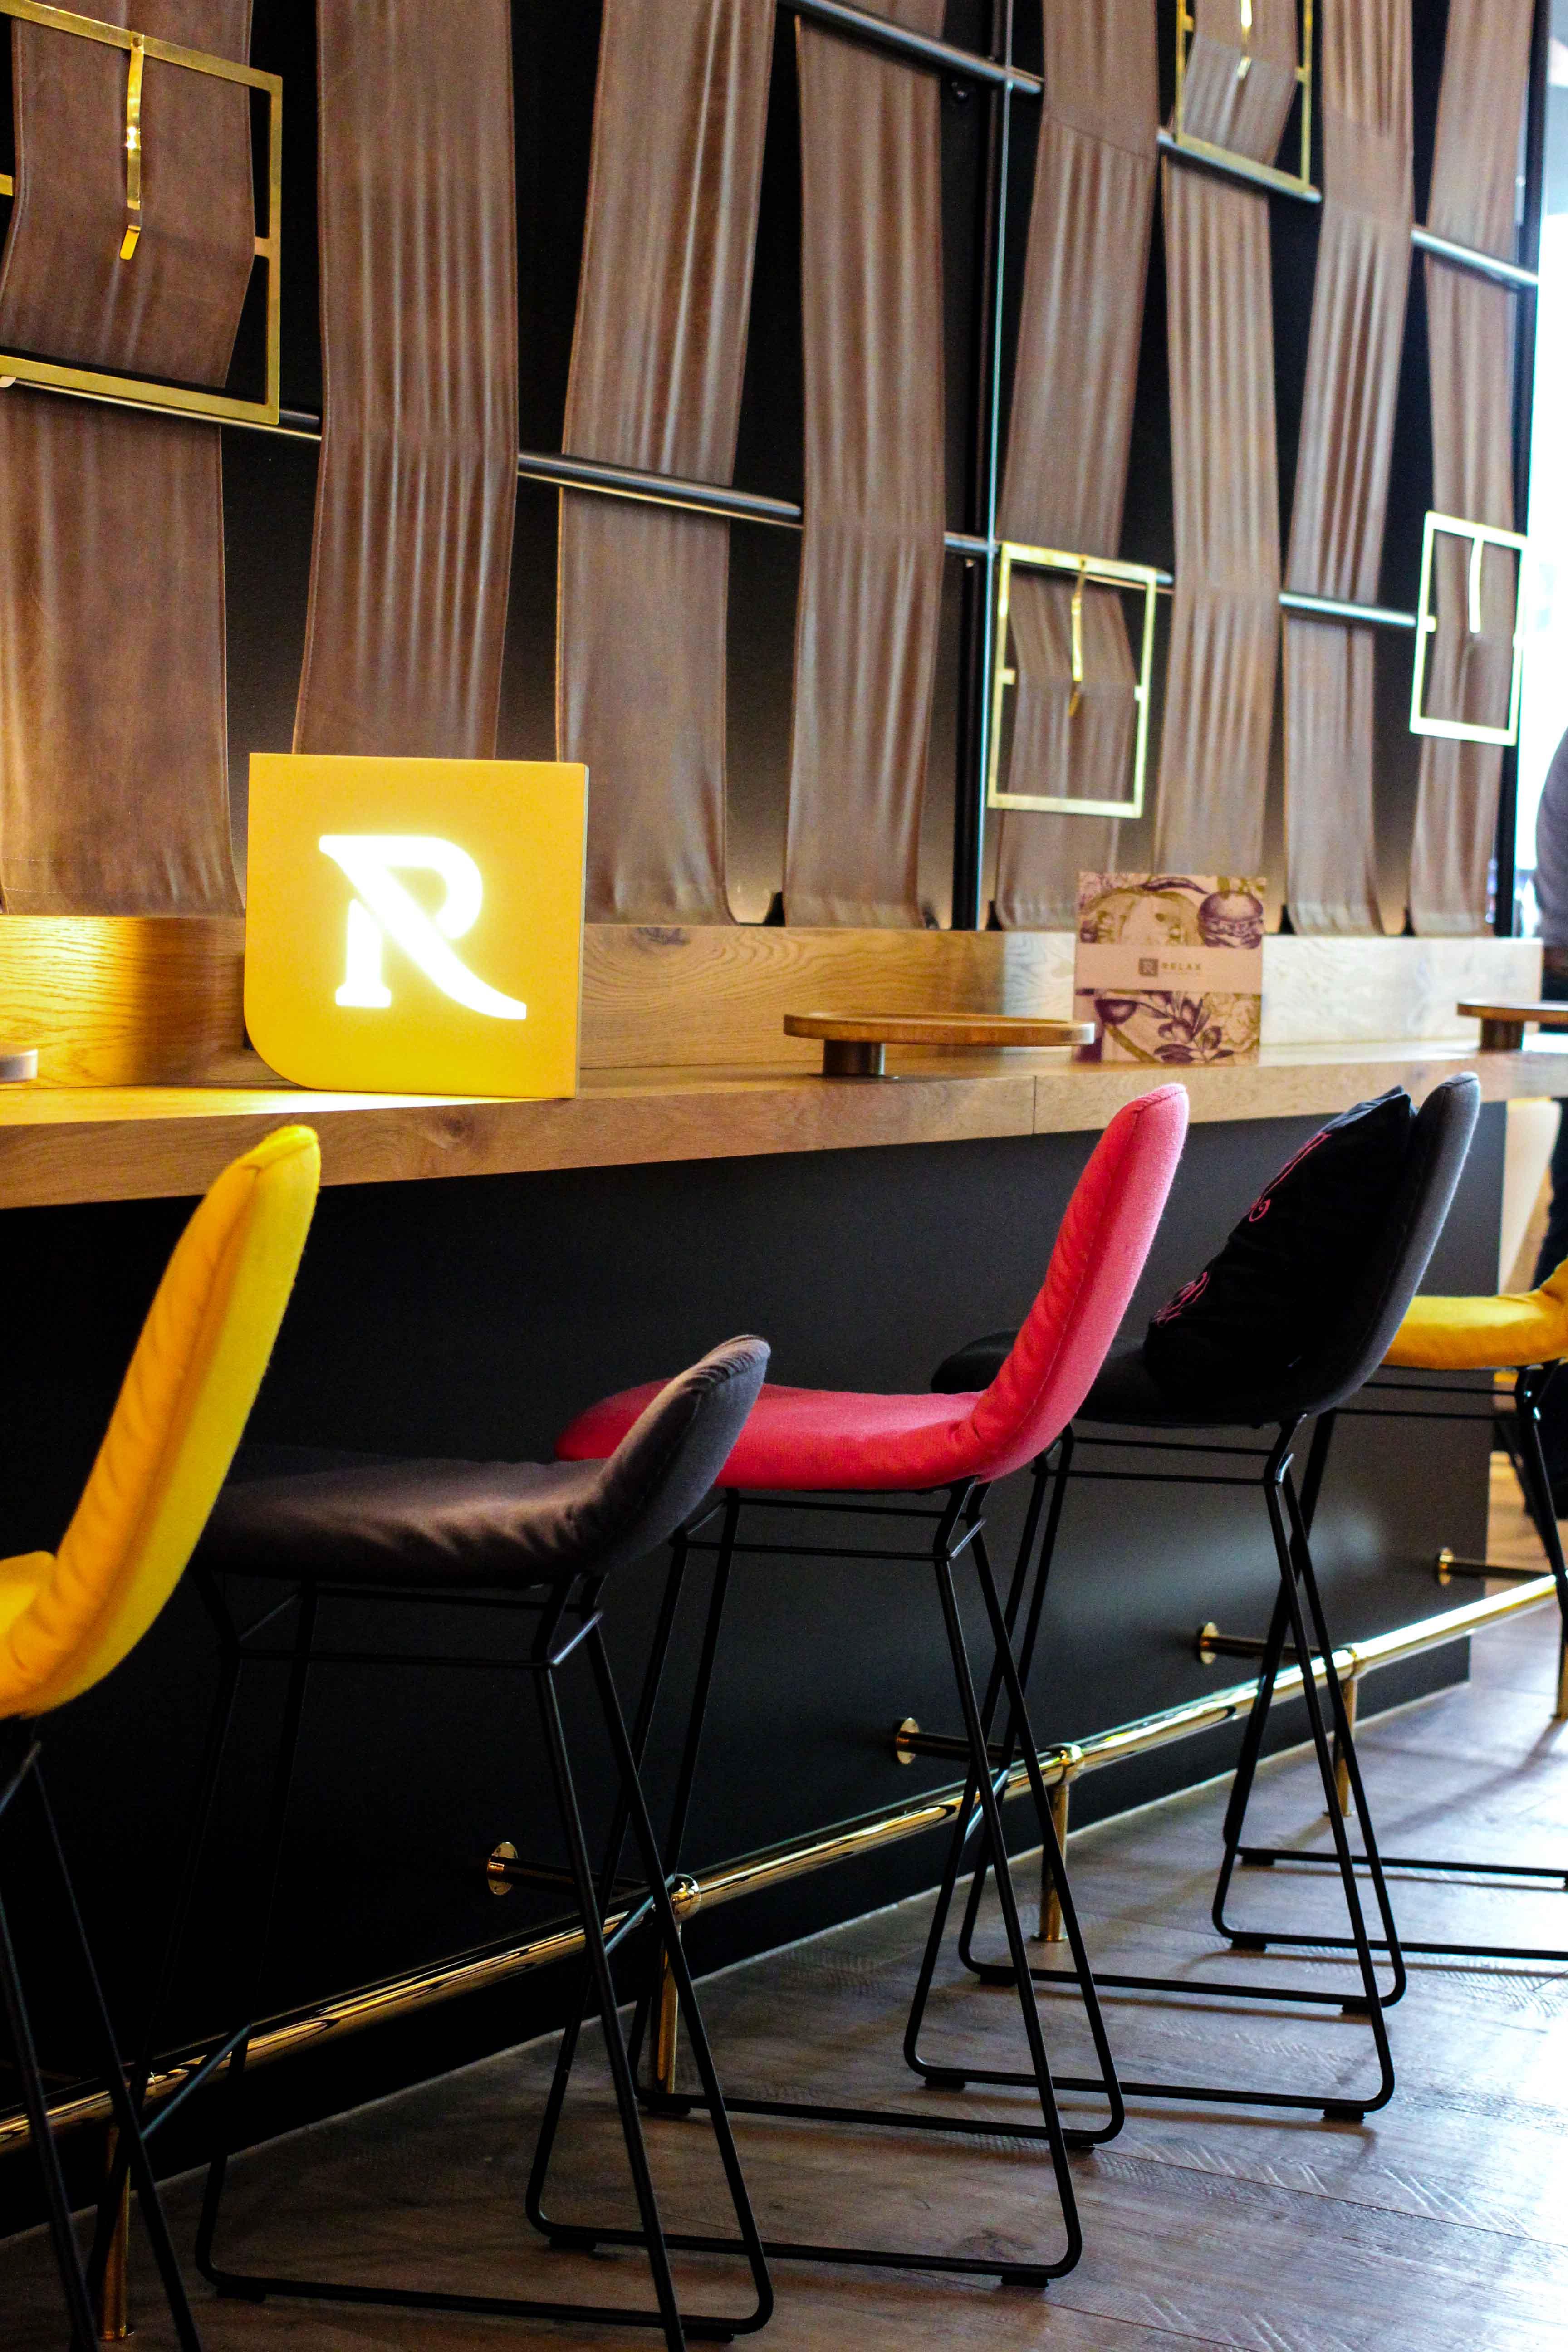 Hotel Fashion Week Mercure Hotel Berlin Wittenbergplatz Berlins Trend-Hotel Lobby Bar